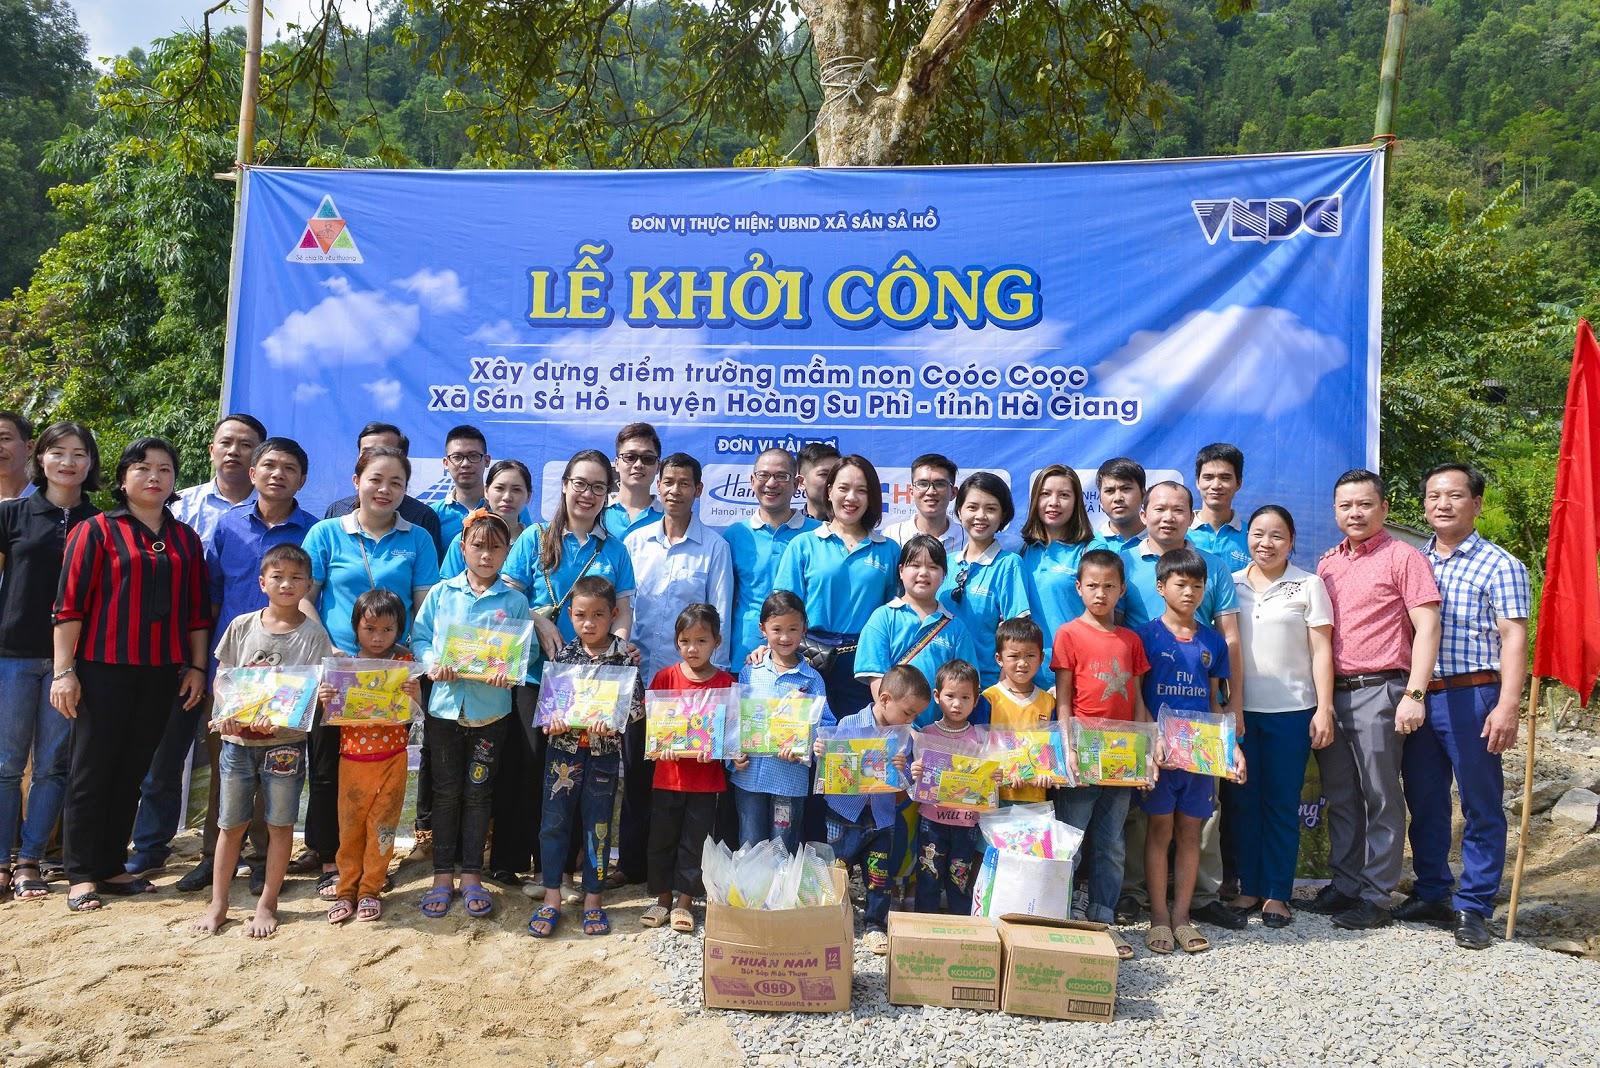 Công ty CP Viễn Thông Quốc Tế xây điểm trường mầm non thôn Coóc Coọc Hà Giang